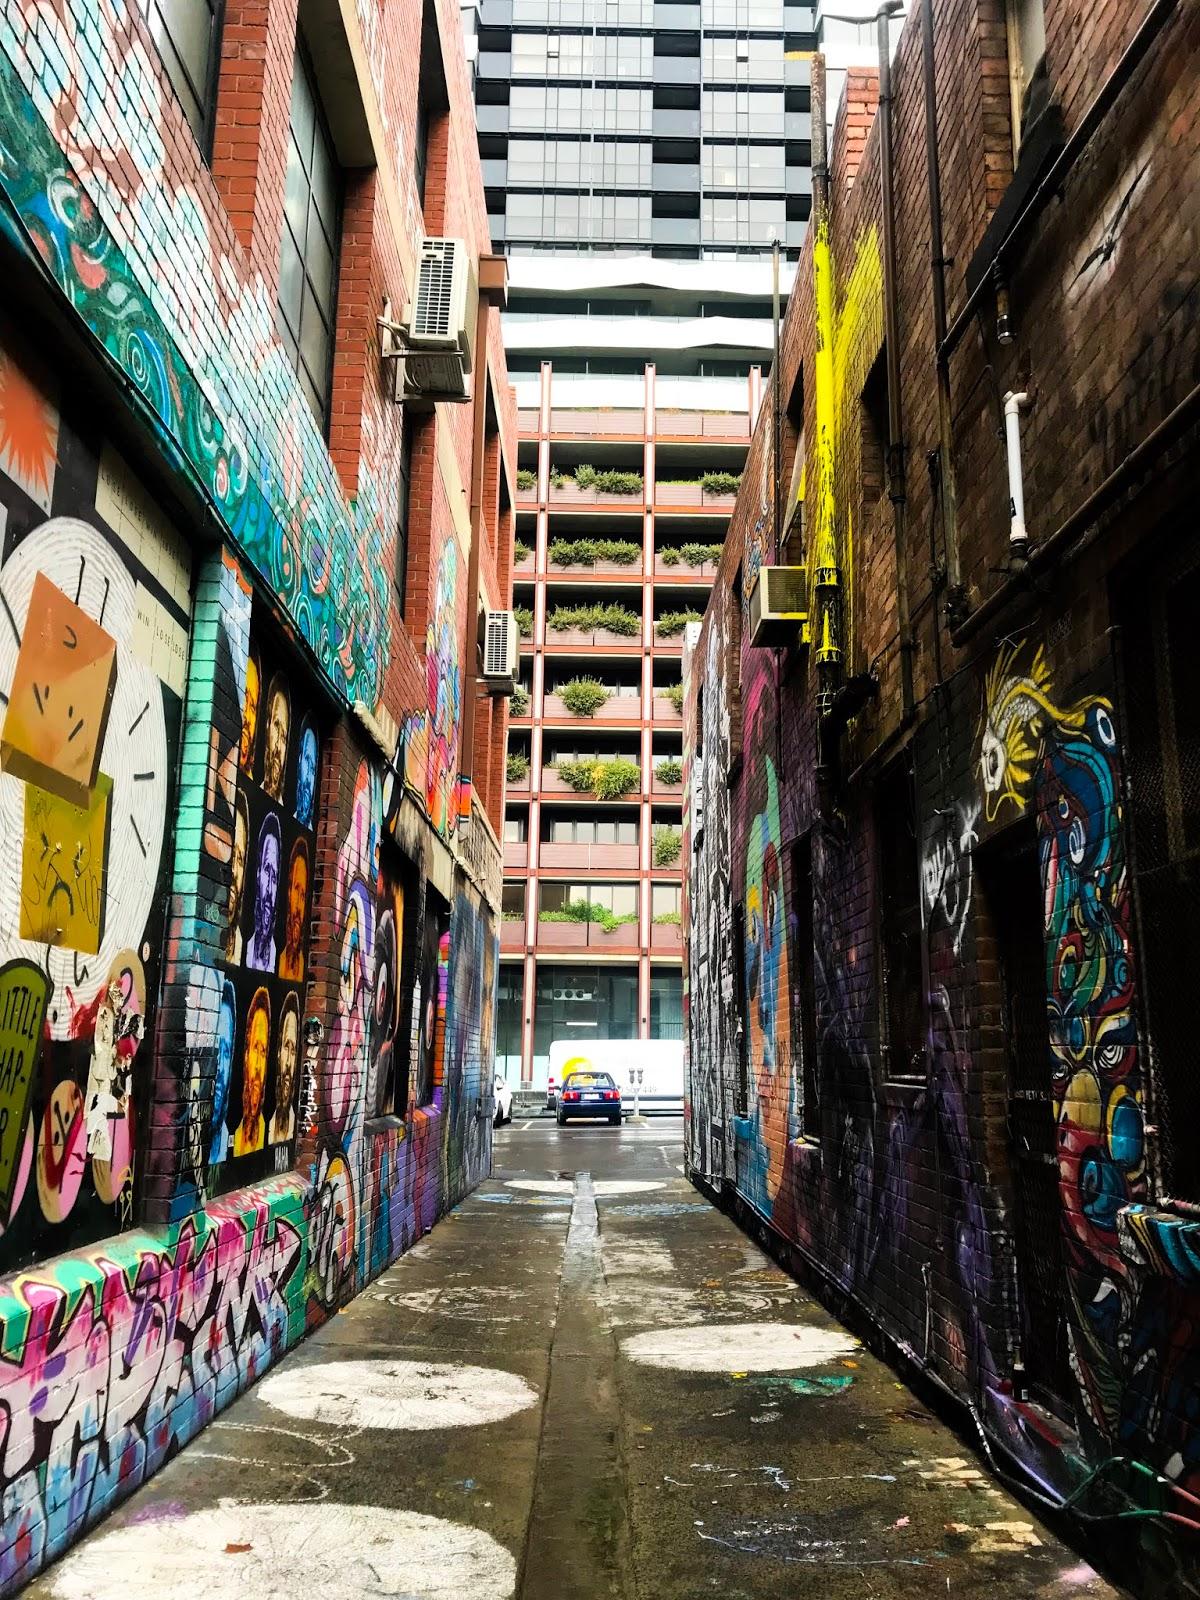 Hosier Lane Street Art - Melbourne